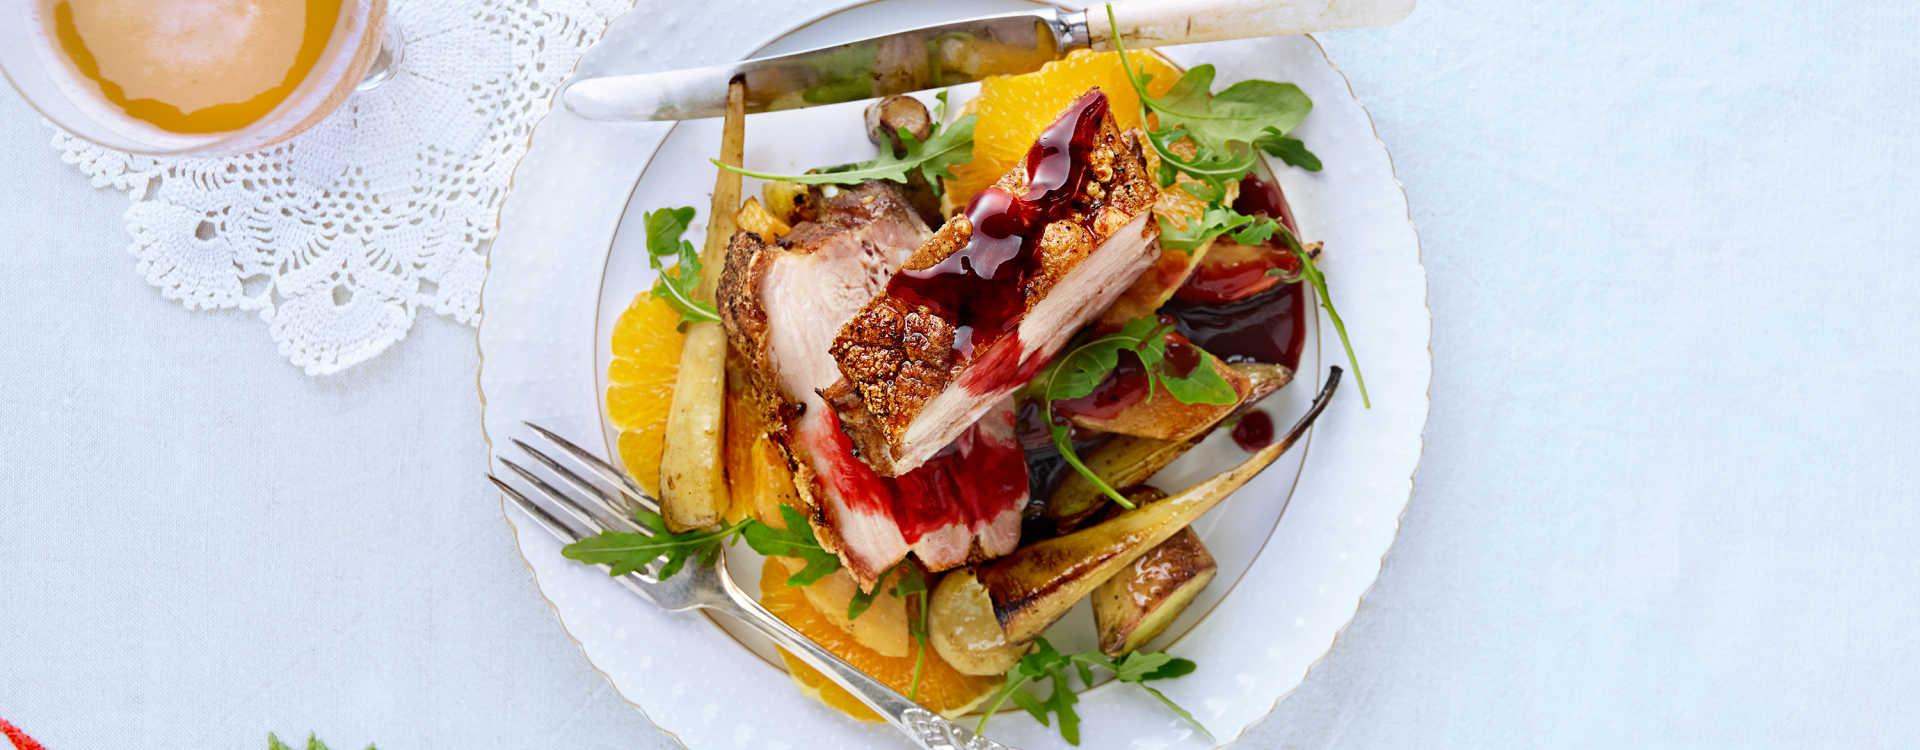 Tynnribbe med ovnsbakte rotgrønnsaker og solbærsaus